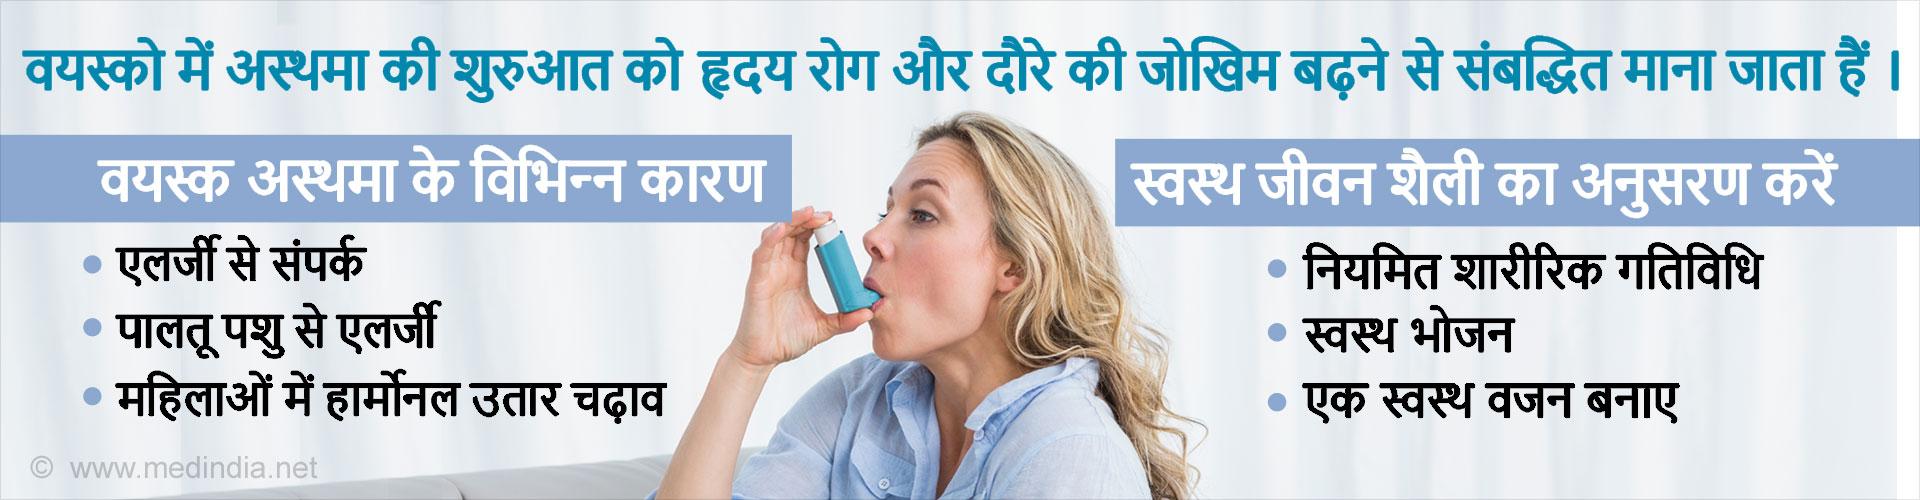 वयस्को में अस्थमा की शुरुआत को हृदय रोग और दौरे की जोखिम बढ़ने से संबद्धित माना जाता हैं ।